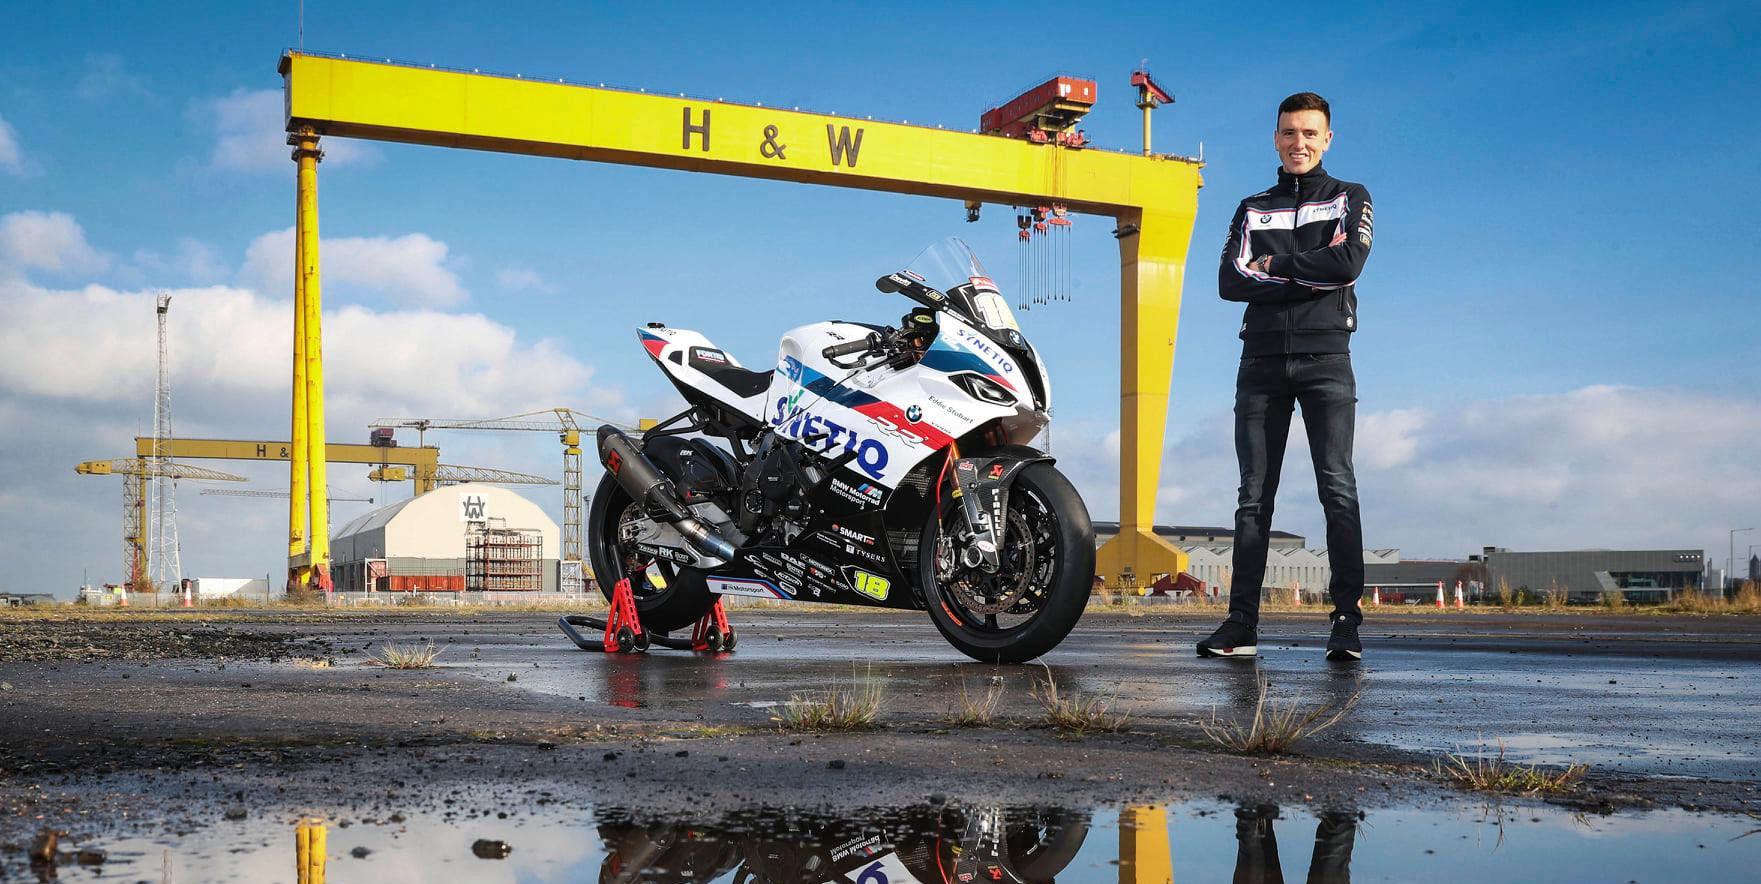 Andrew Irwin with a SYNETIQ BMW S1000RR. Photo courtesy SYNETIQ BMW.